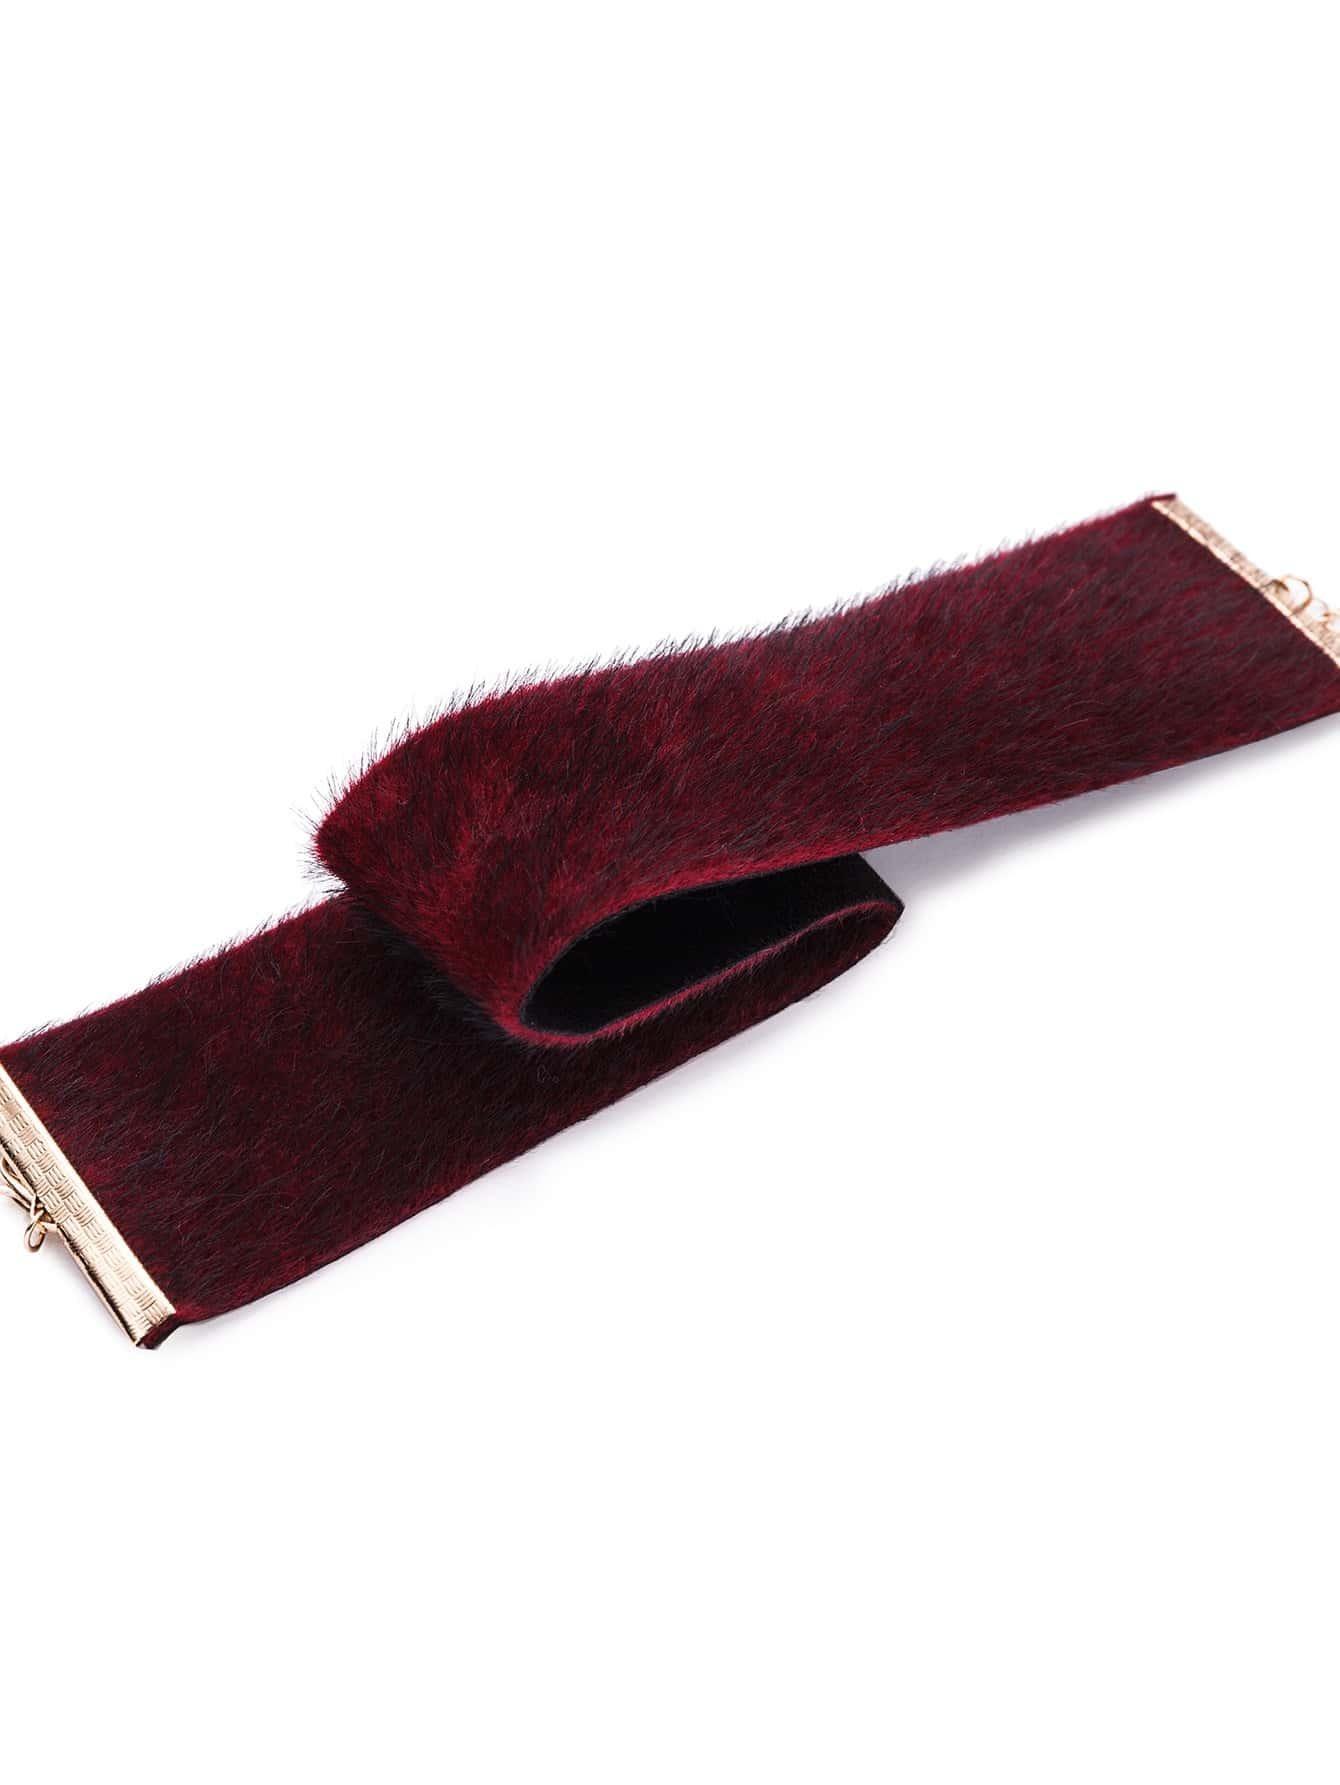 Collier large en fausse fourrure bordeaux rouge french for Interieur paupiere inferieure rouge